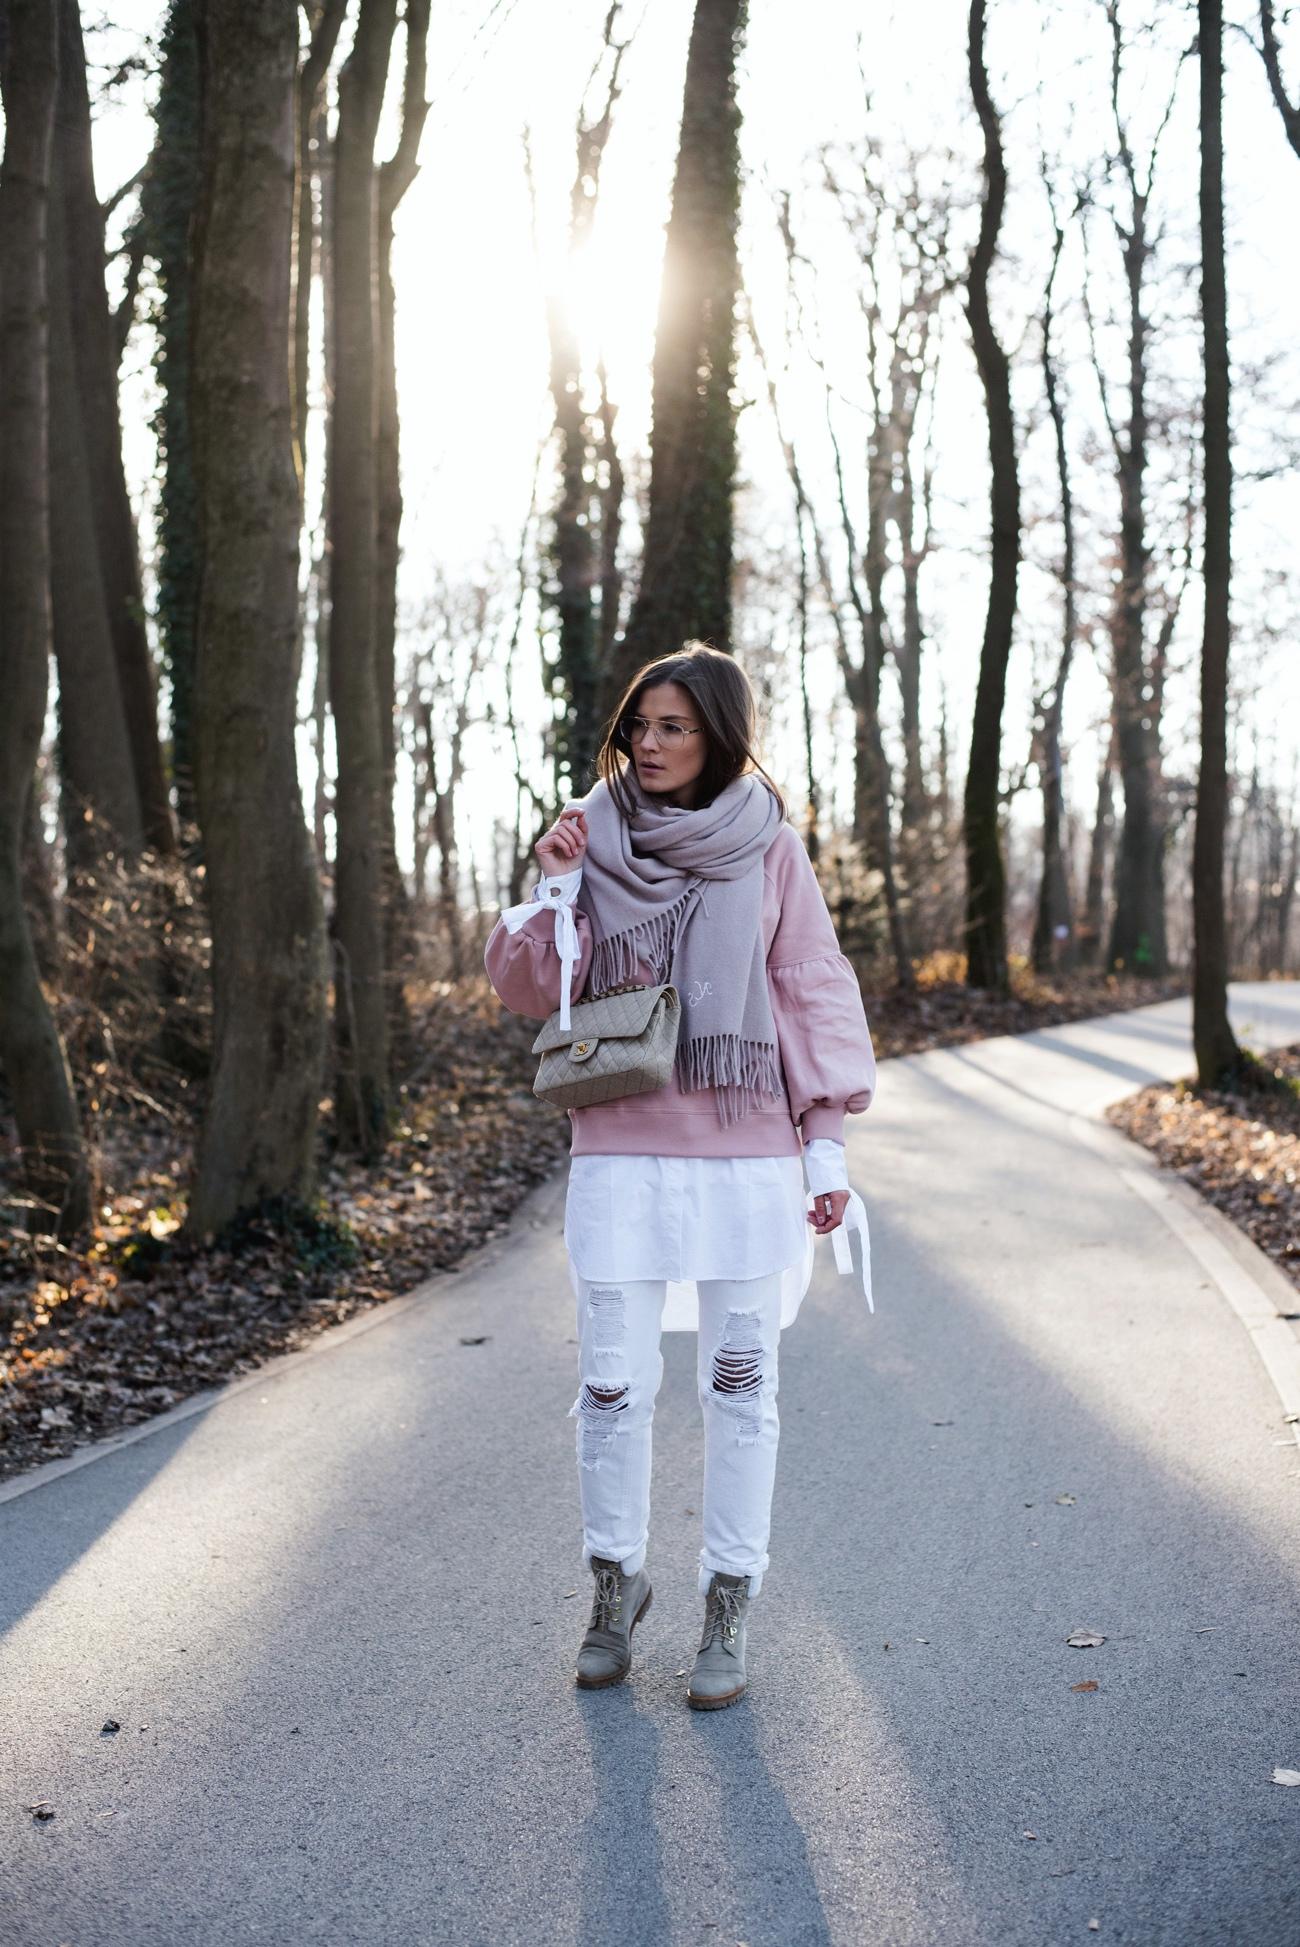 aquazzura-heilbrunner-boots-stiefeletten-beige-fashiioncarpet